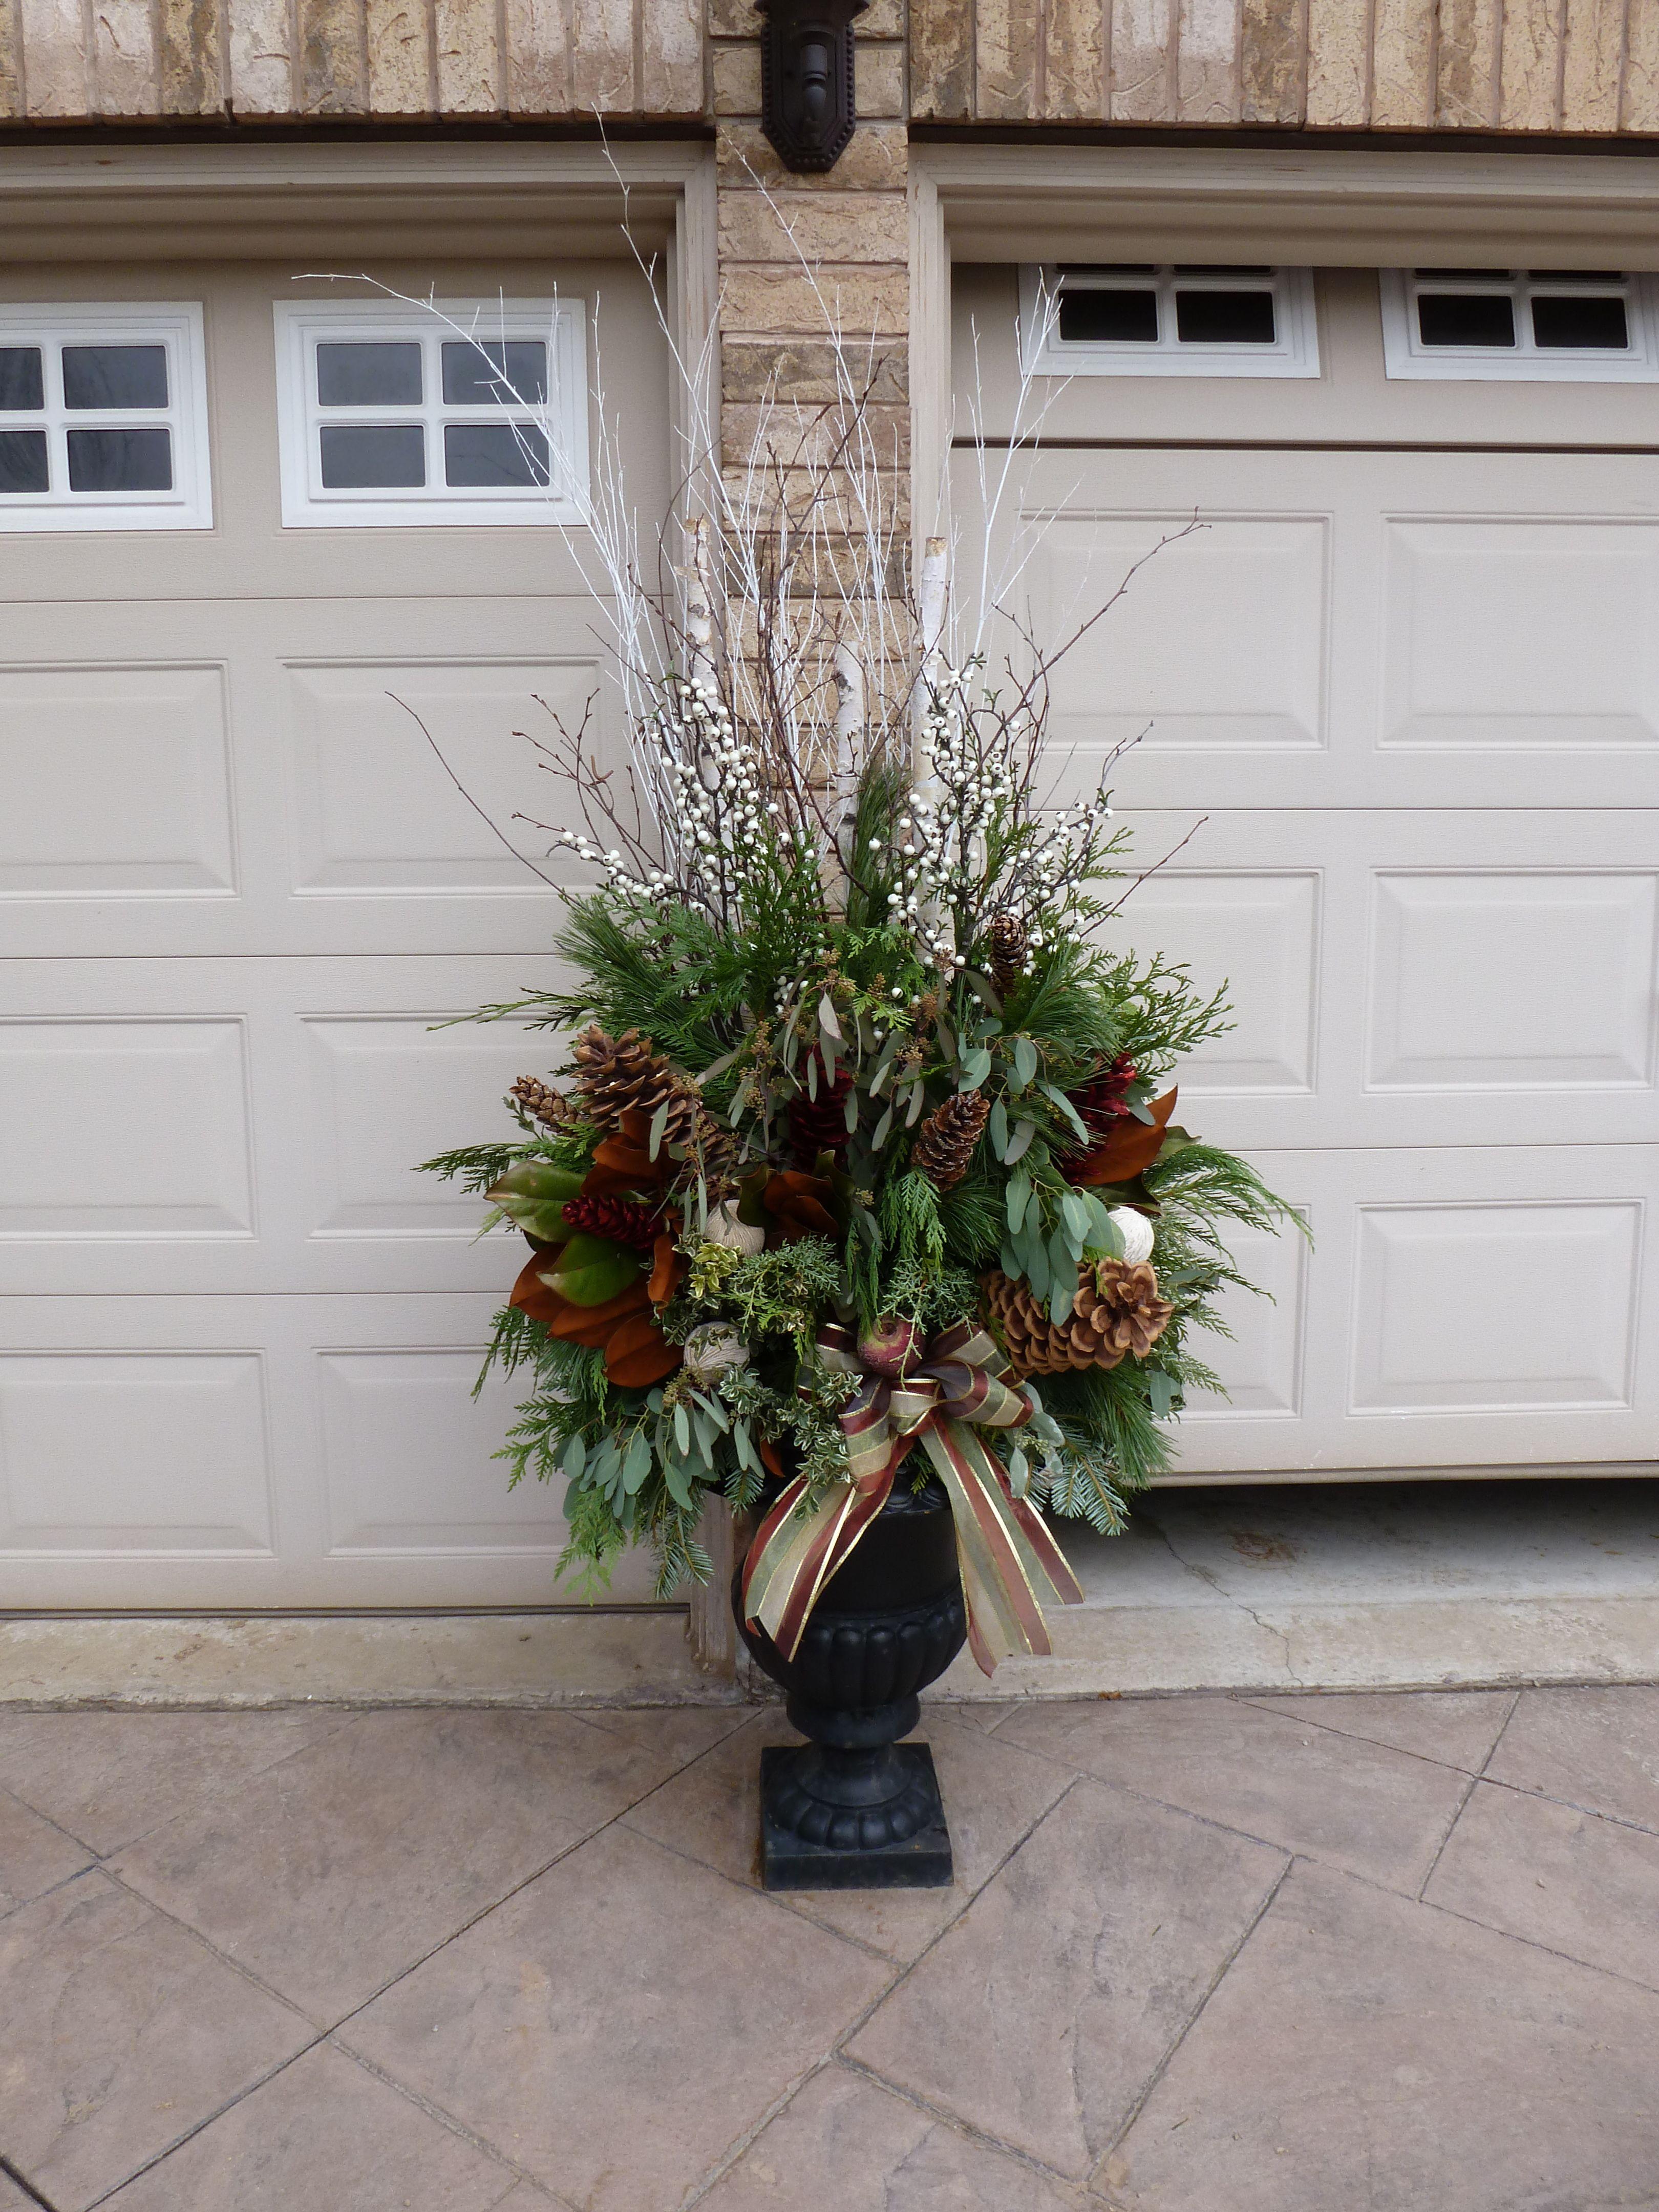 Outdoor christmas decoration ideas pinterest - Http Media Cache Ak0 Pinimg Com Originals 2a 1f 6e 2a1f6e1c8012053522fb0493ed41312e Jpg Christmas Pinterest Christmas Planters And Planters